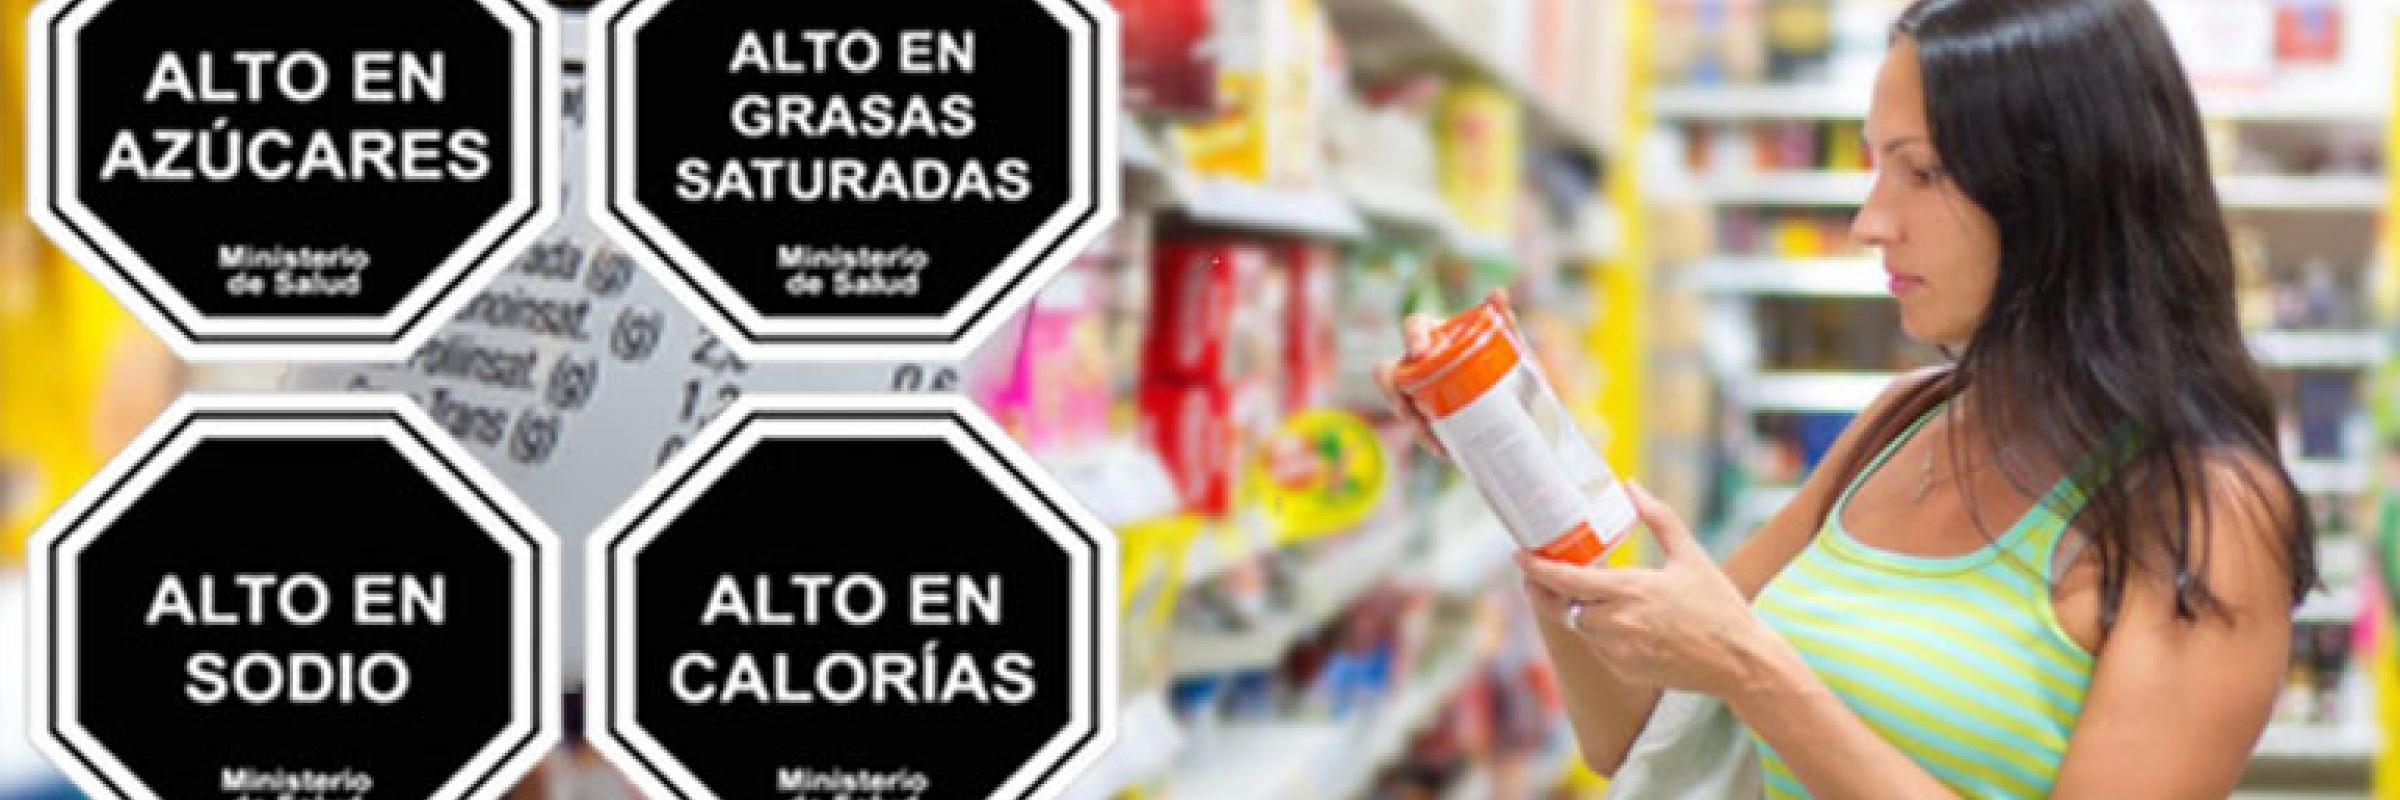 Uso e Implementación del Etiquetado Nutricional en Chile